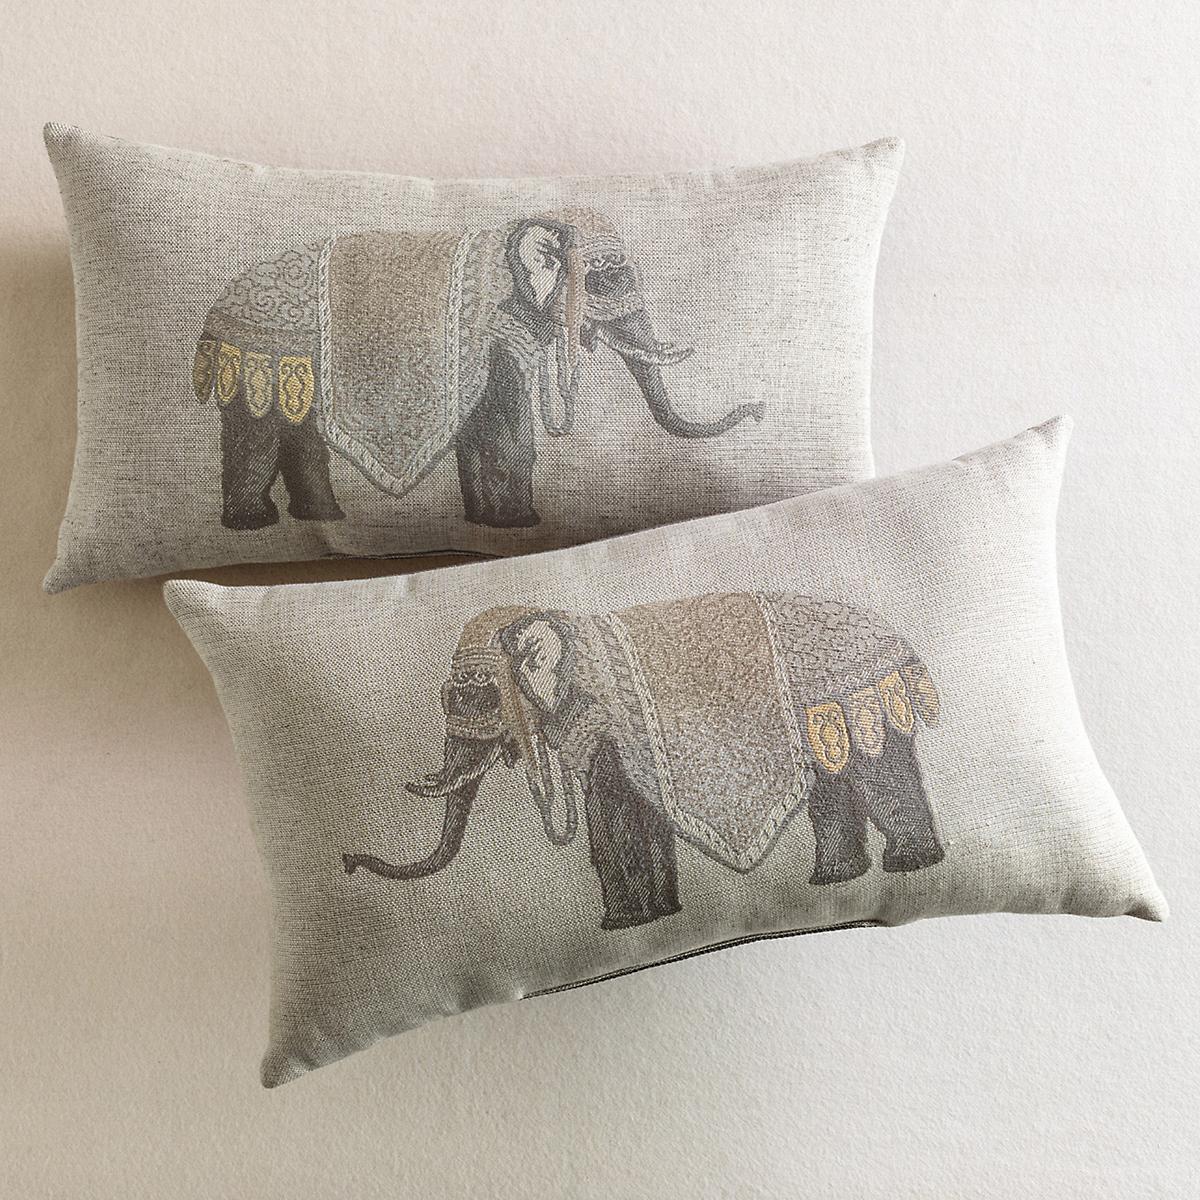 Noble Elephant Pillows